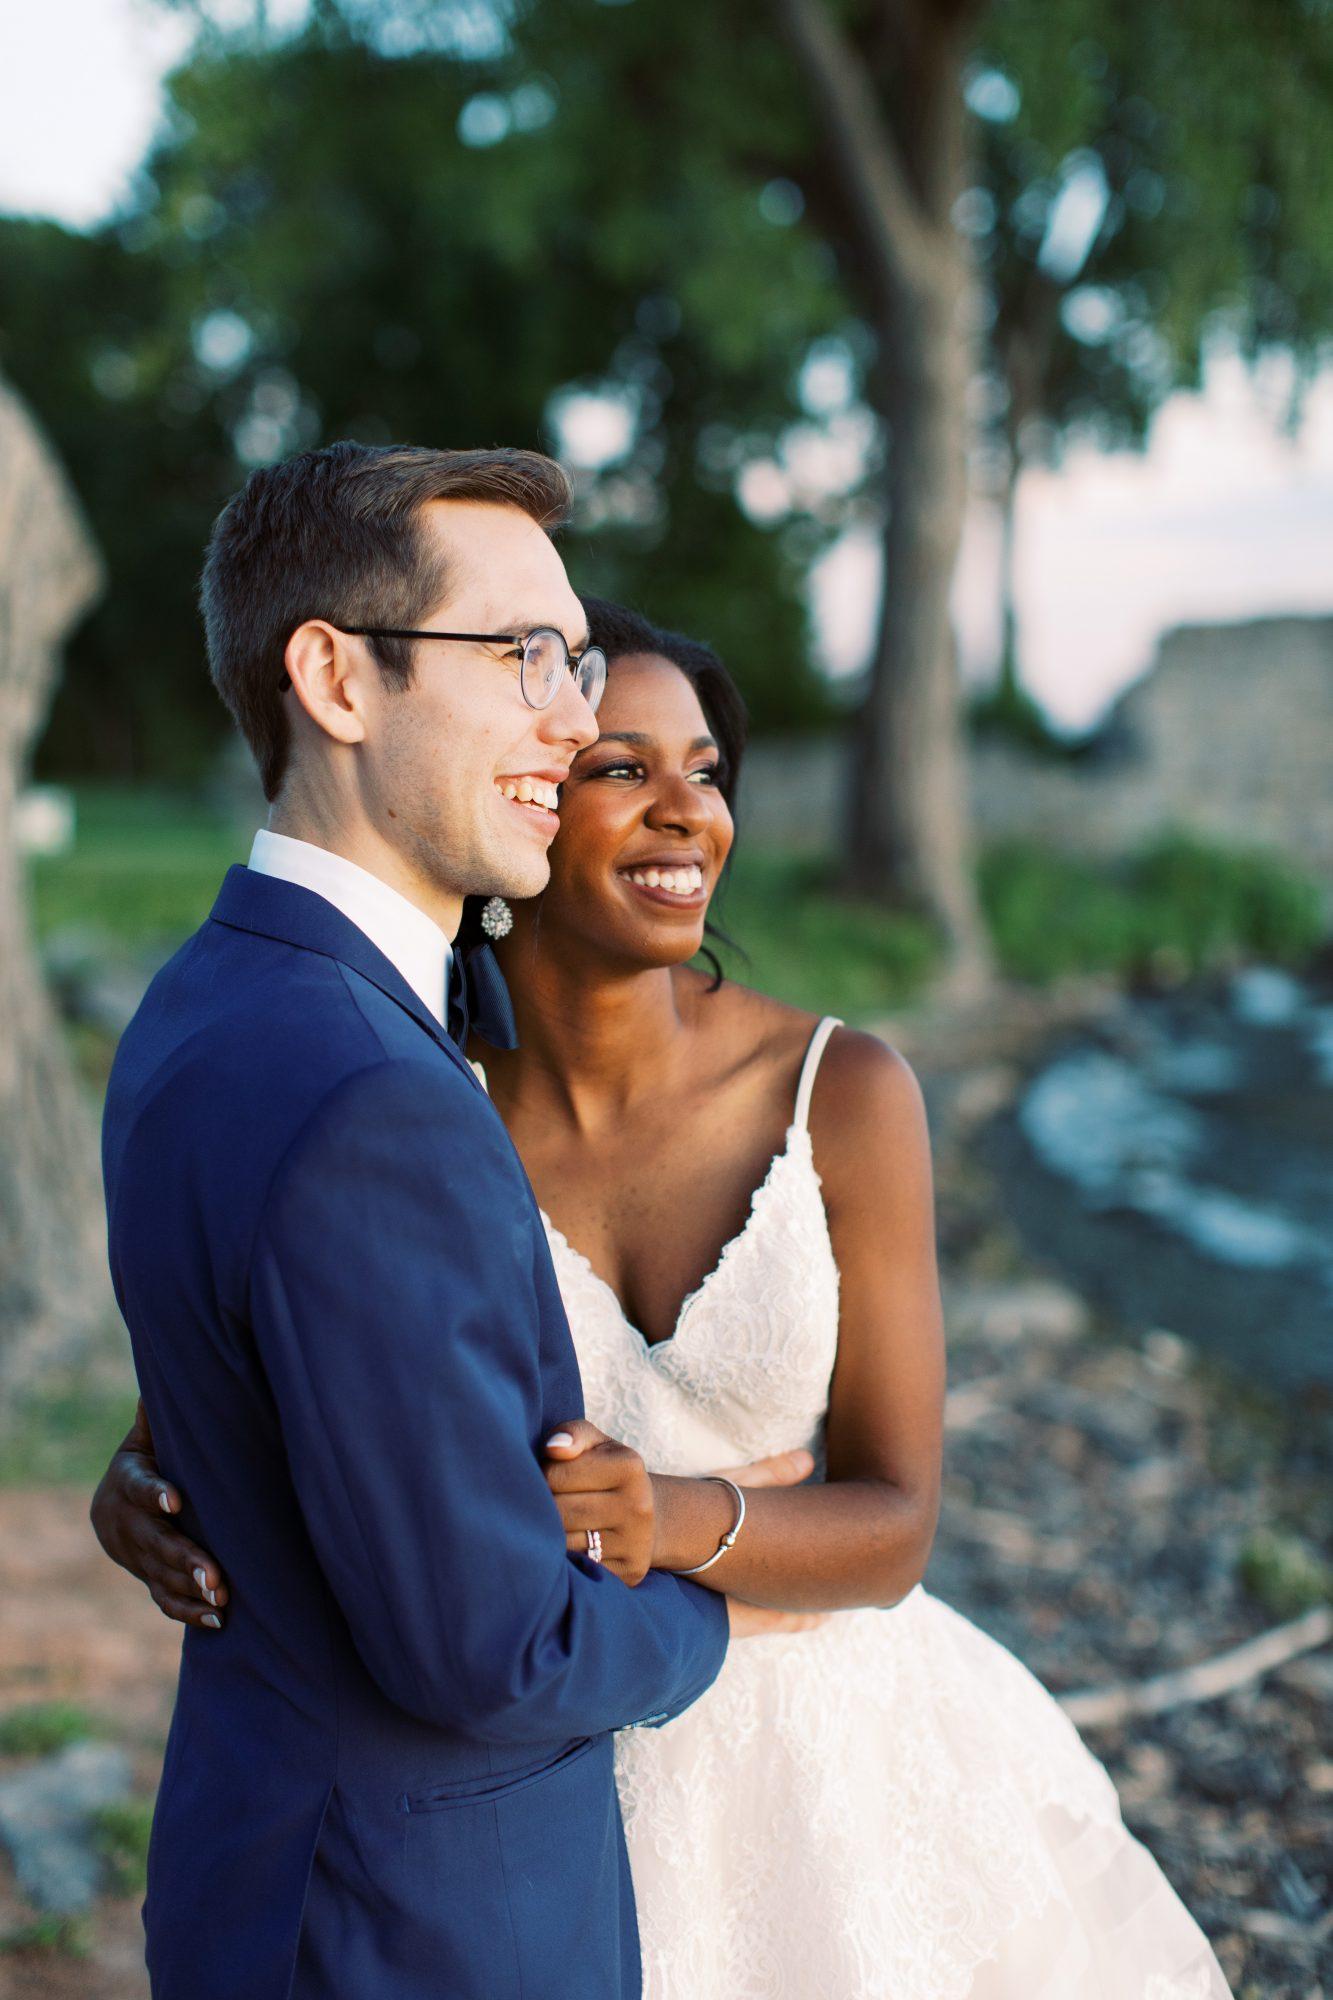 charlene jeremy wedding couple intimate portrait